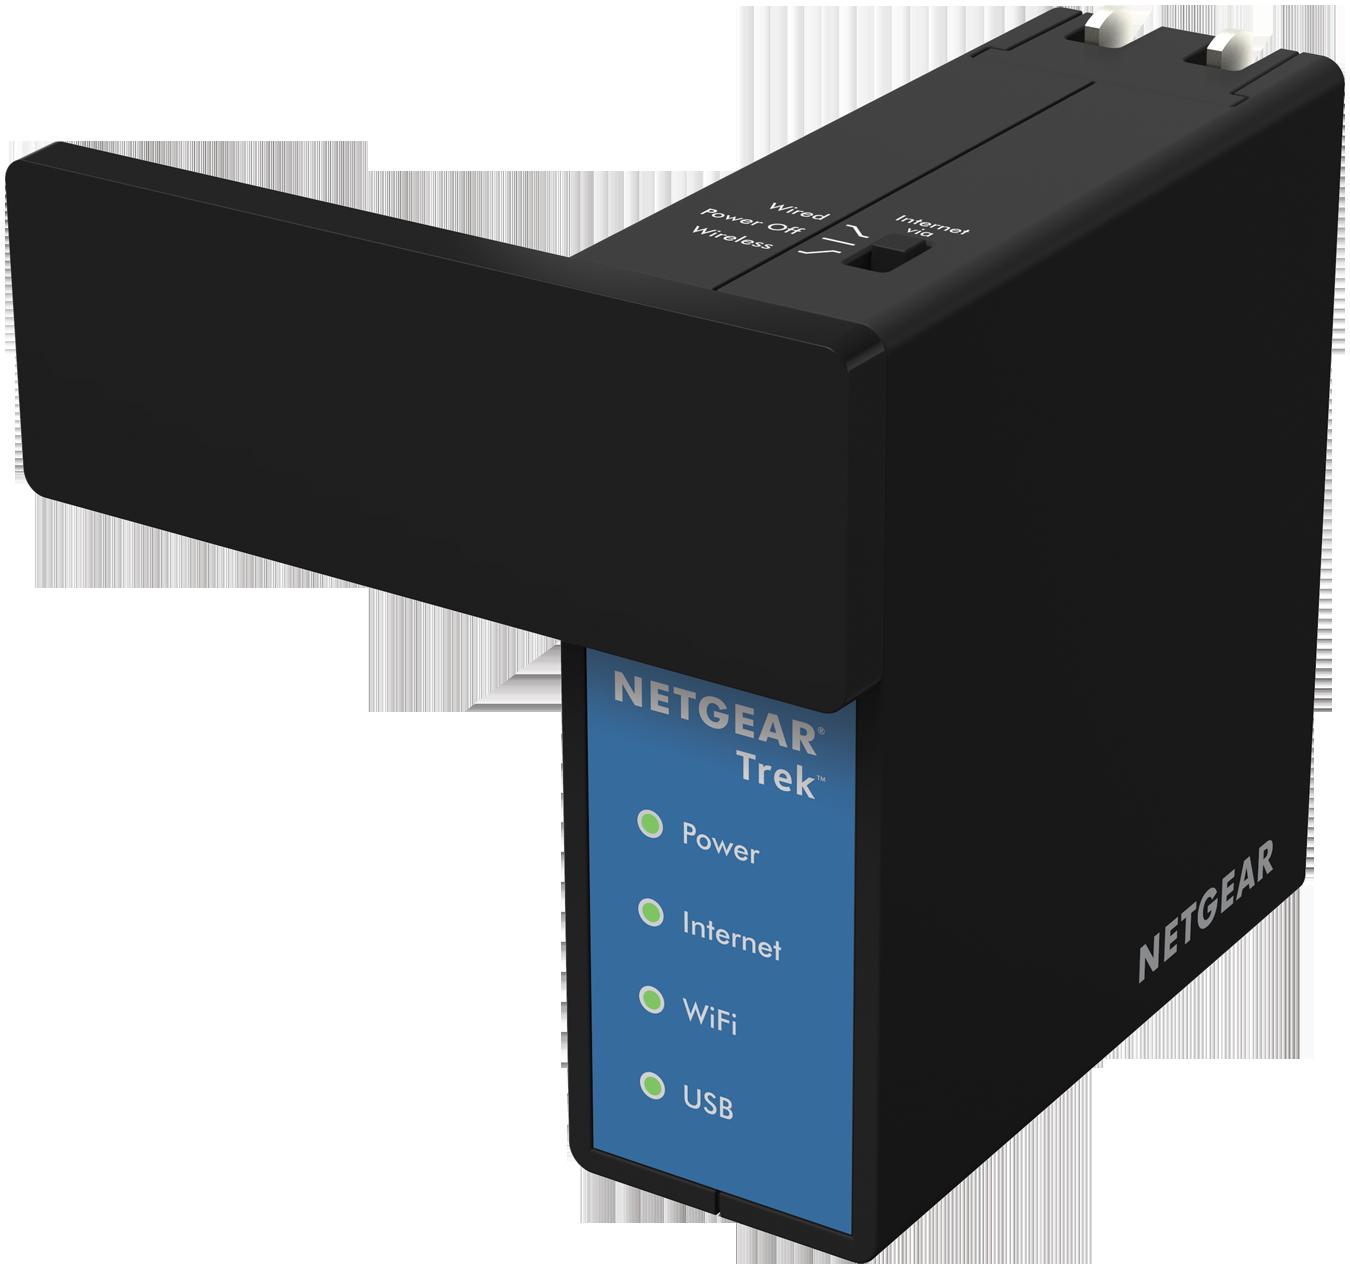 Pr2000 Wifi Range Extenders Networking Home Netgear